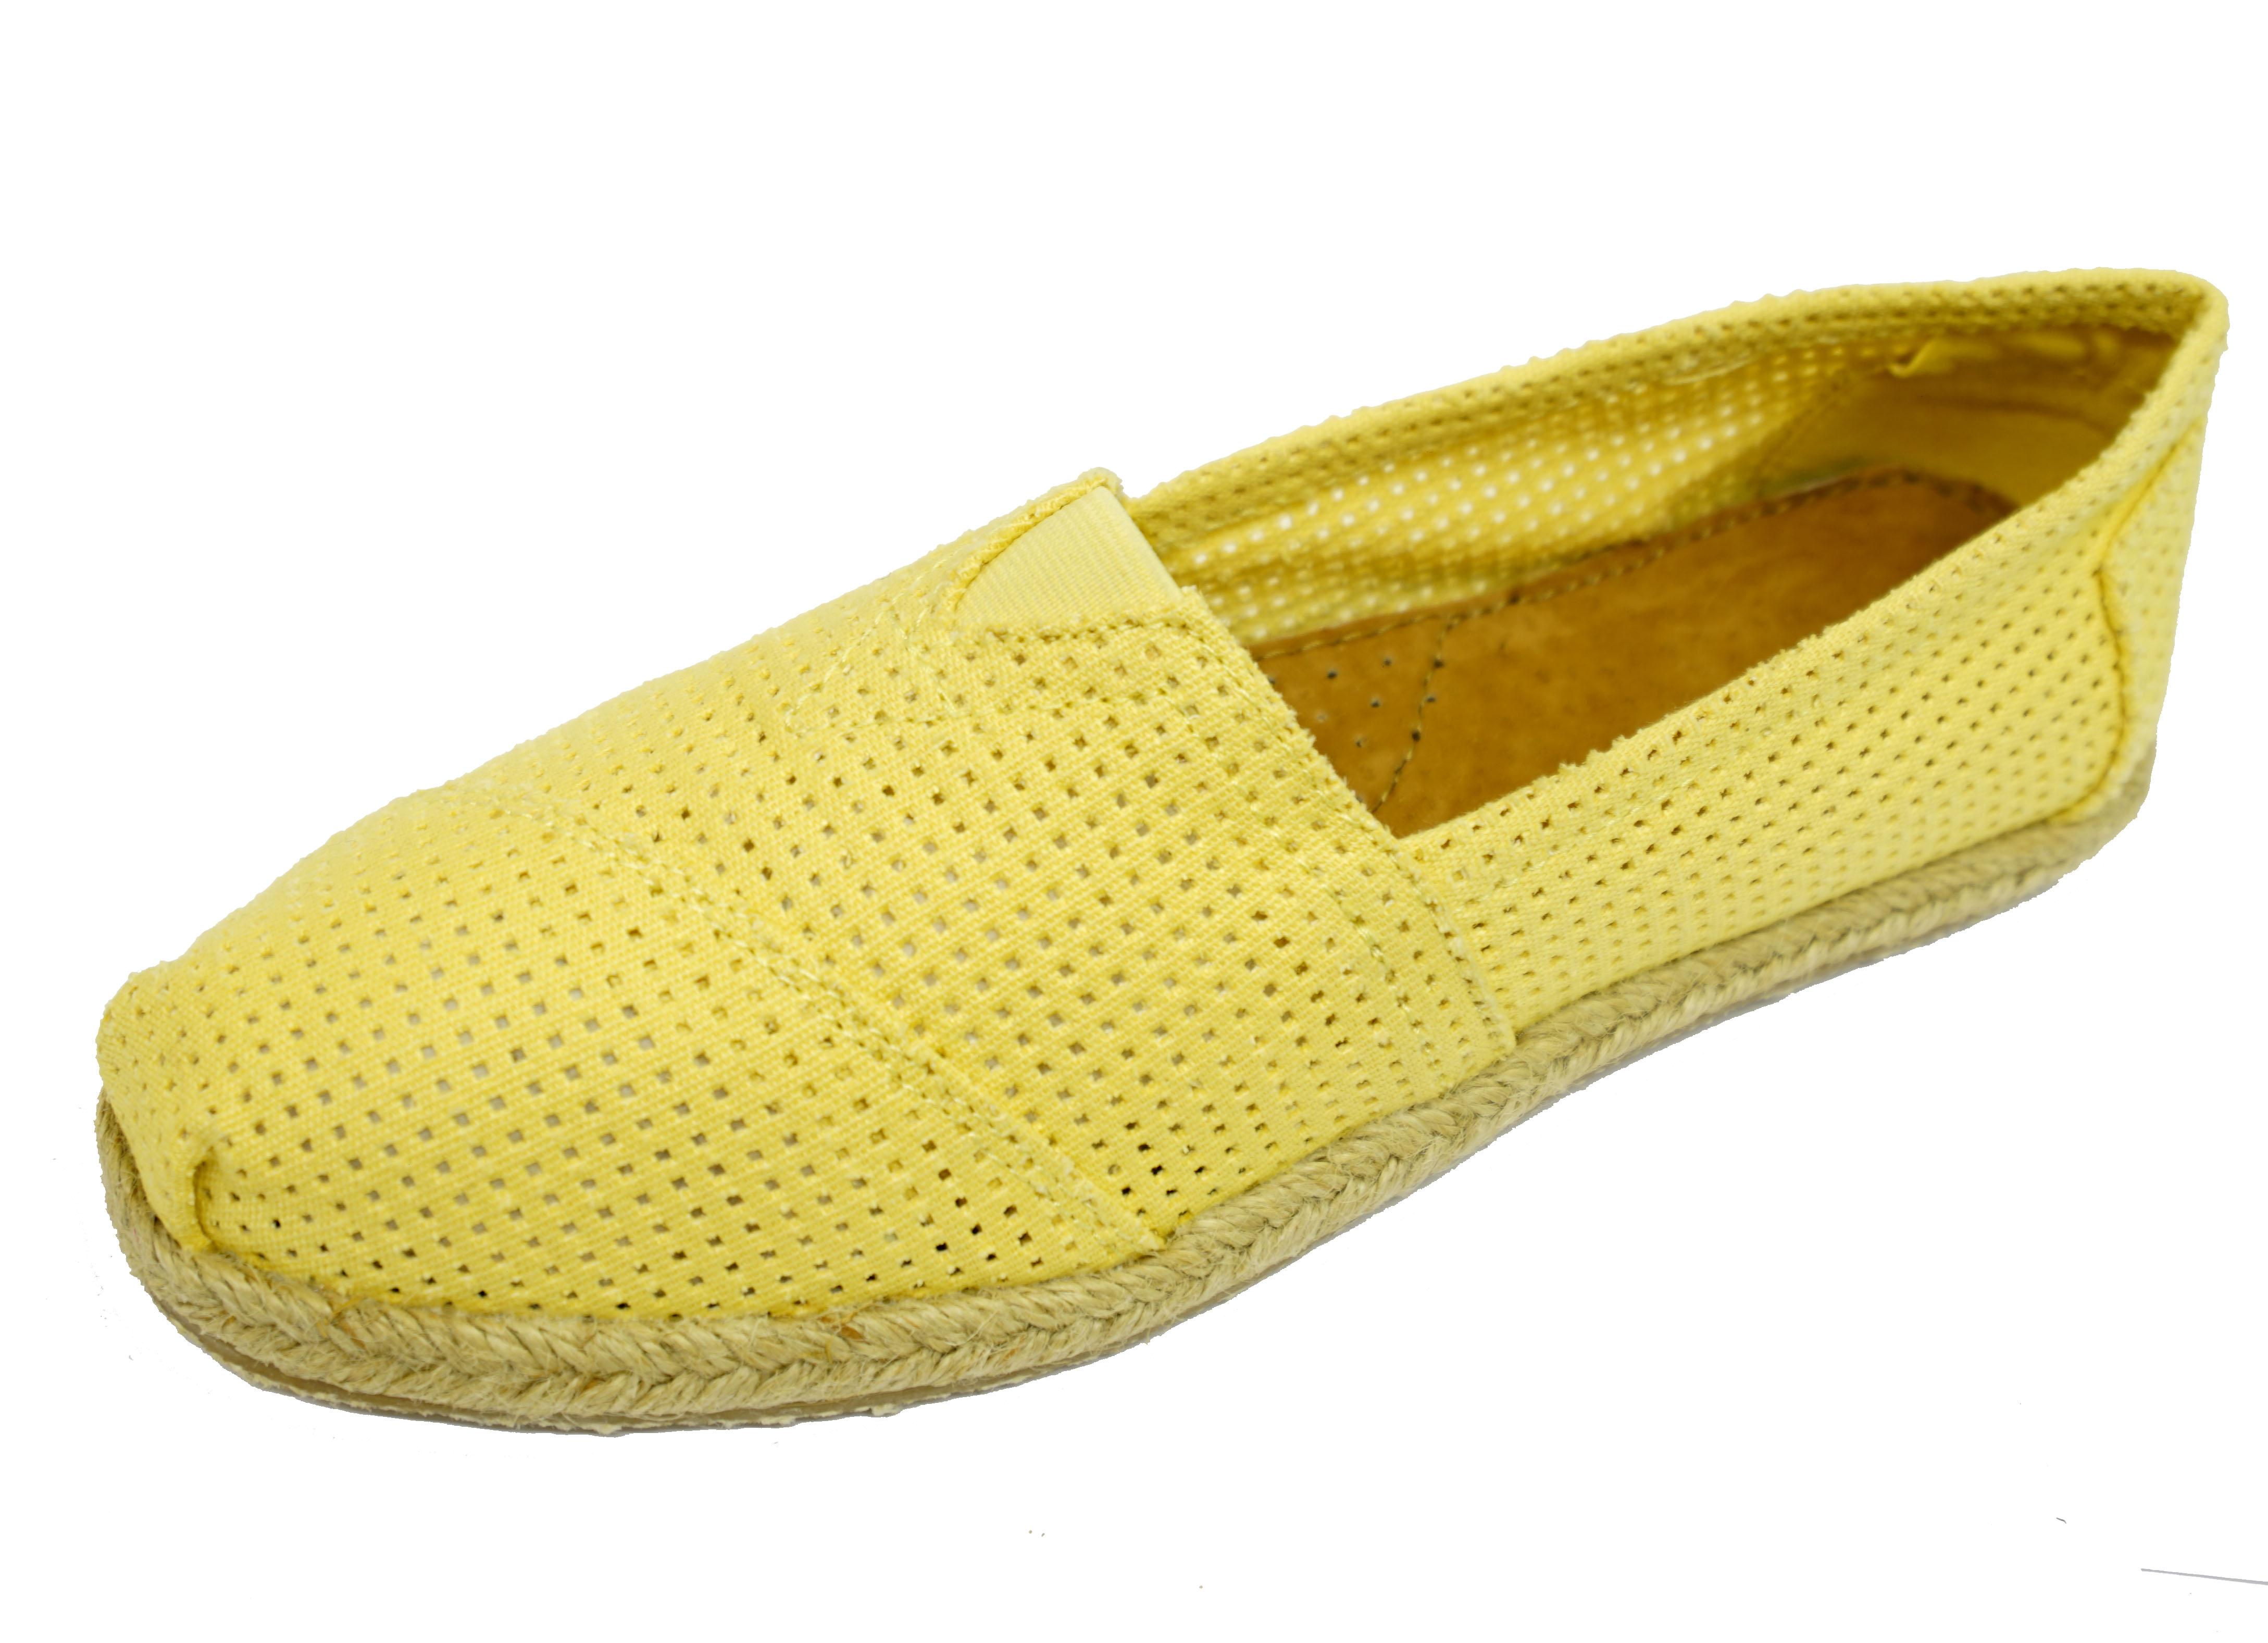 Señoras Amarillo Plano Sin Cordones Cómodos Zapatos Informales Bombas Alpargatas De Vacaciones Uk 3-8